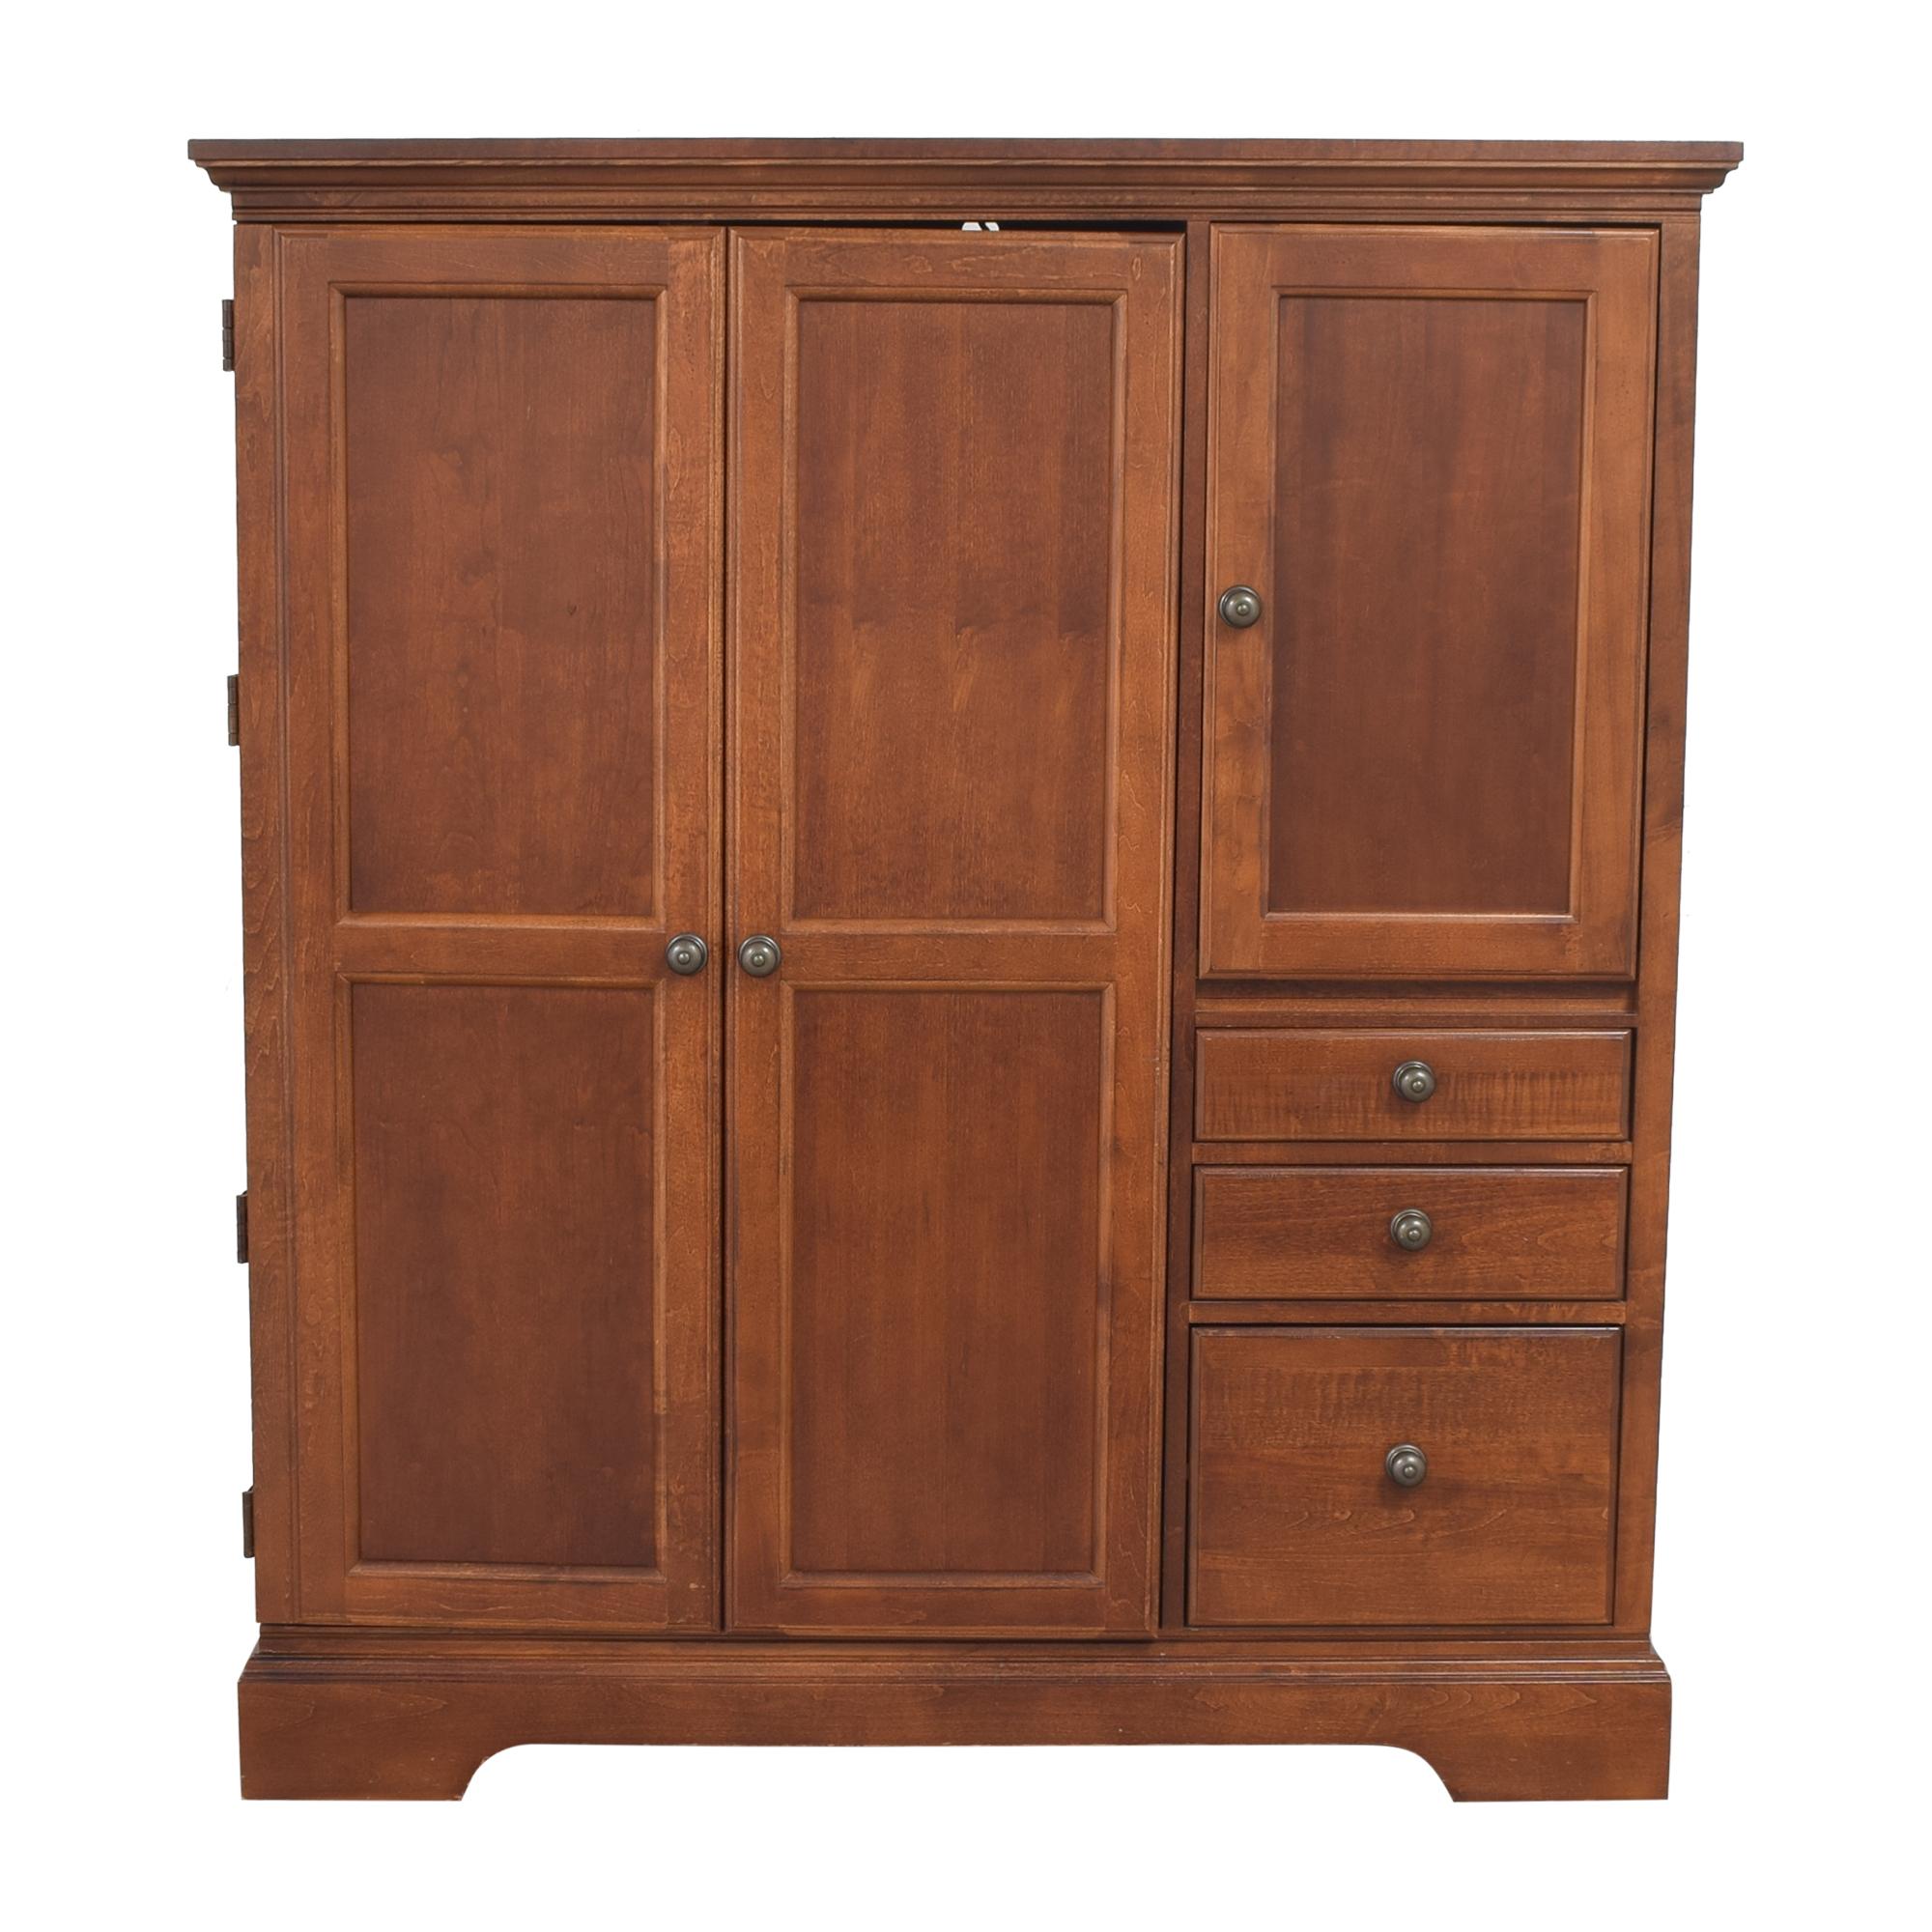 Hooker Furniture Hooker Furniture Computer Cabinet nj